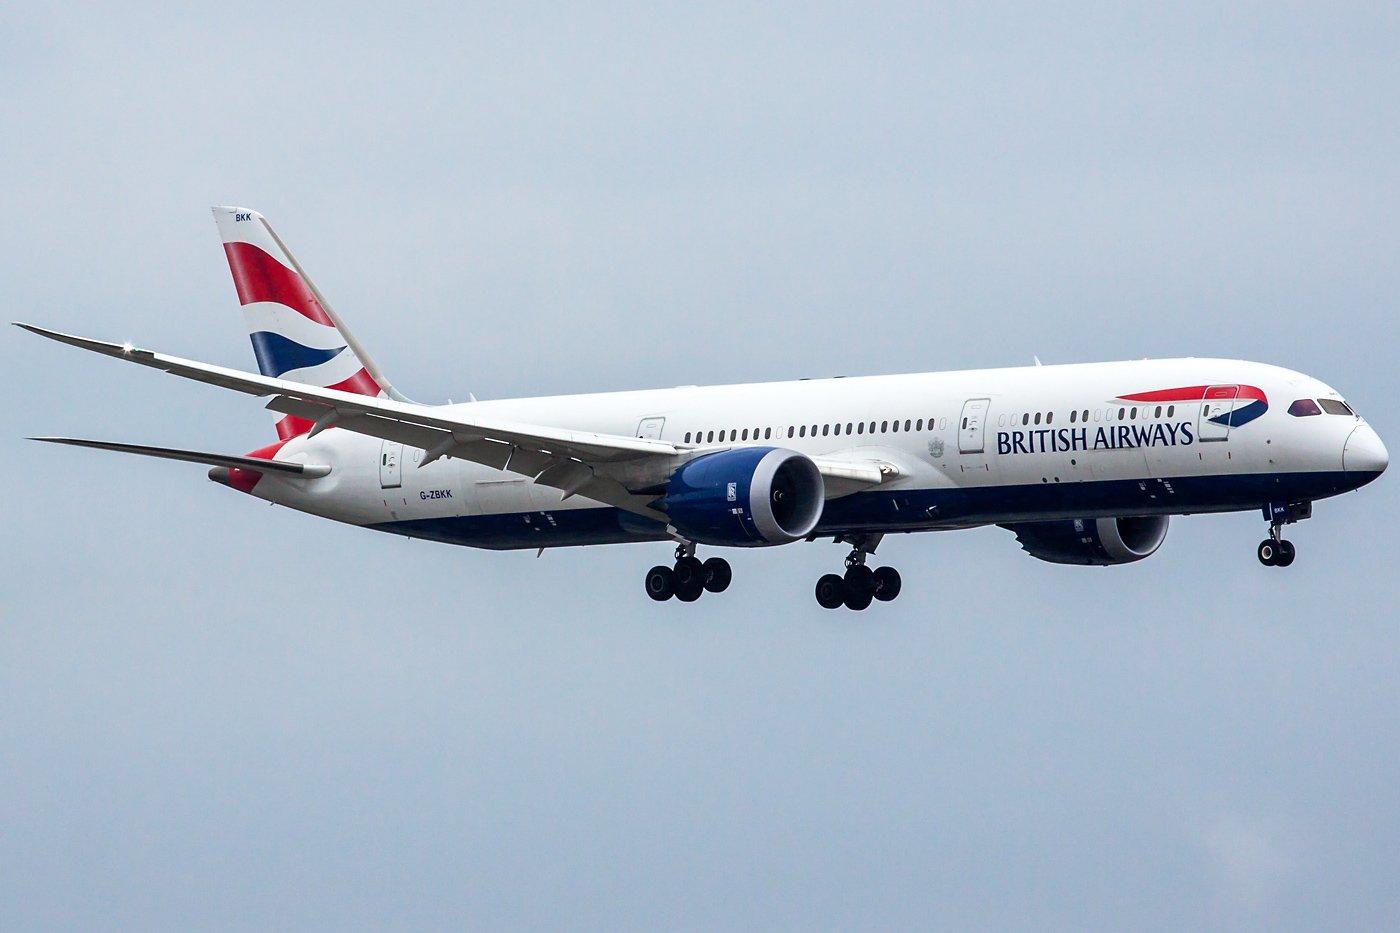 British Airways Boeing 787-9 Dreamliner G-ZBKK